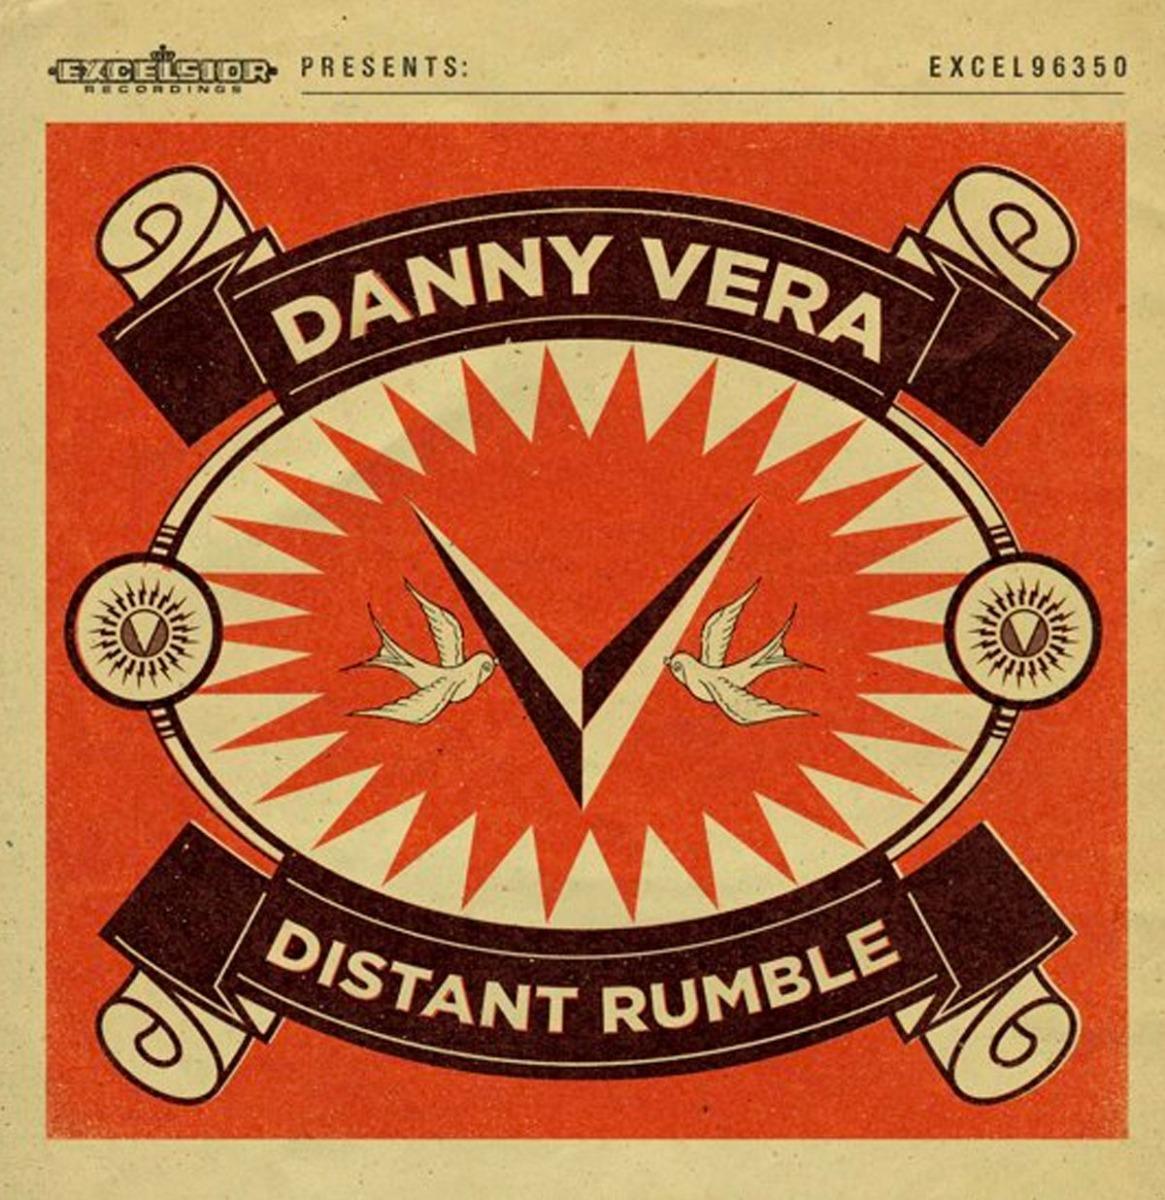 Danny Vera - Distant Rumble CD